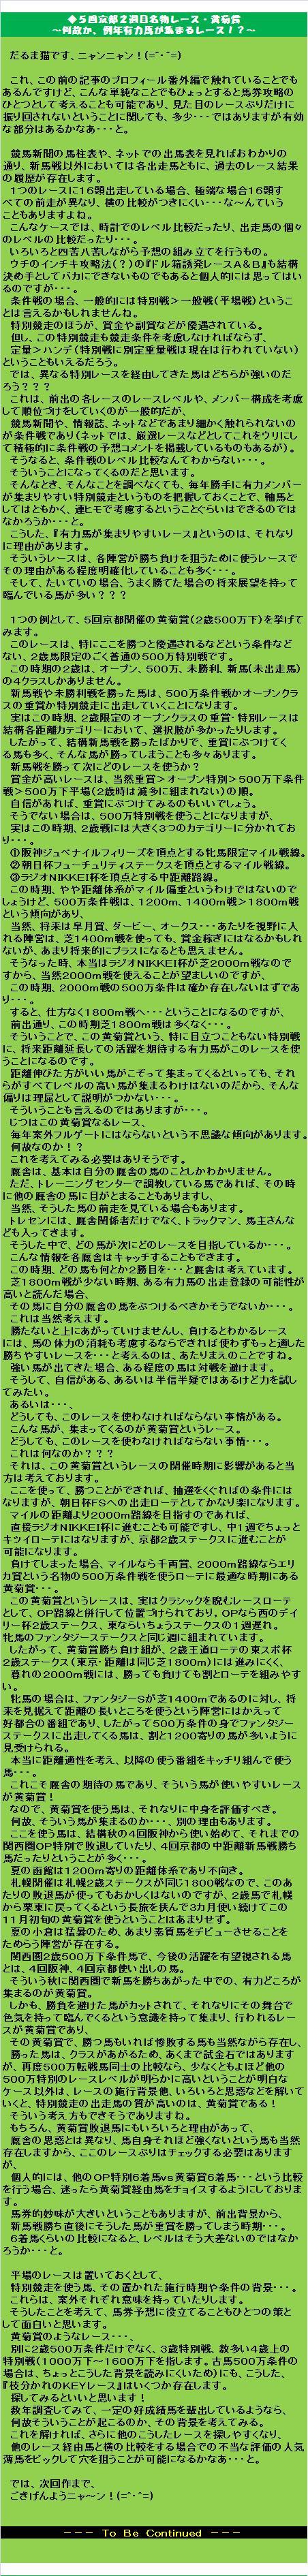 20140417・だるま猫の競馬理念・理論(10)-①.jpg